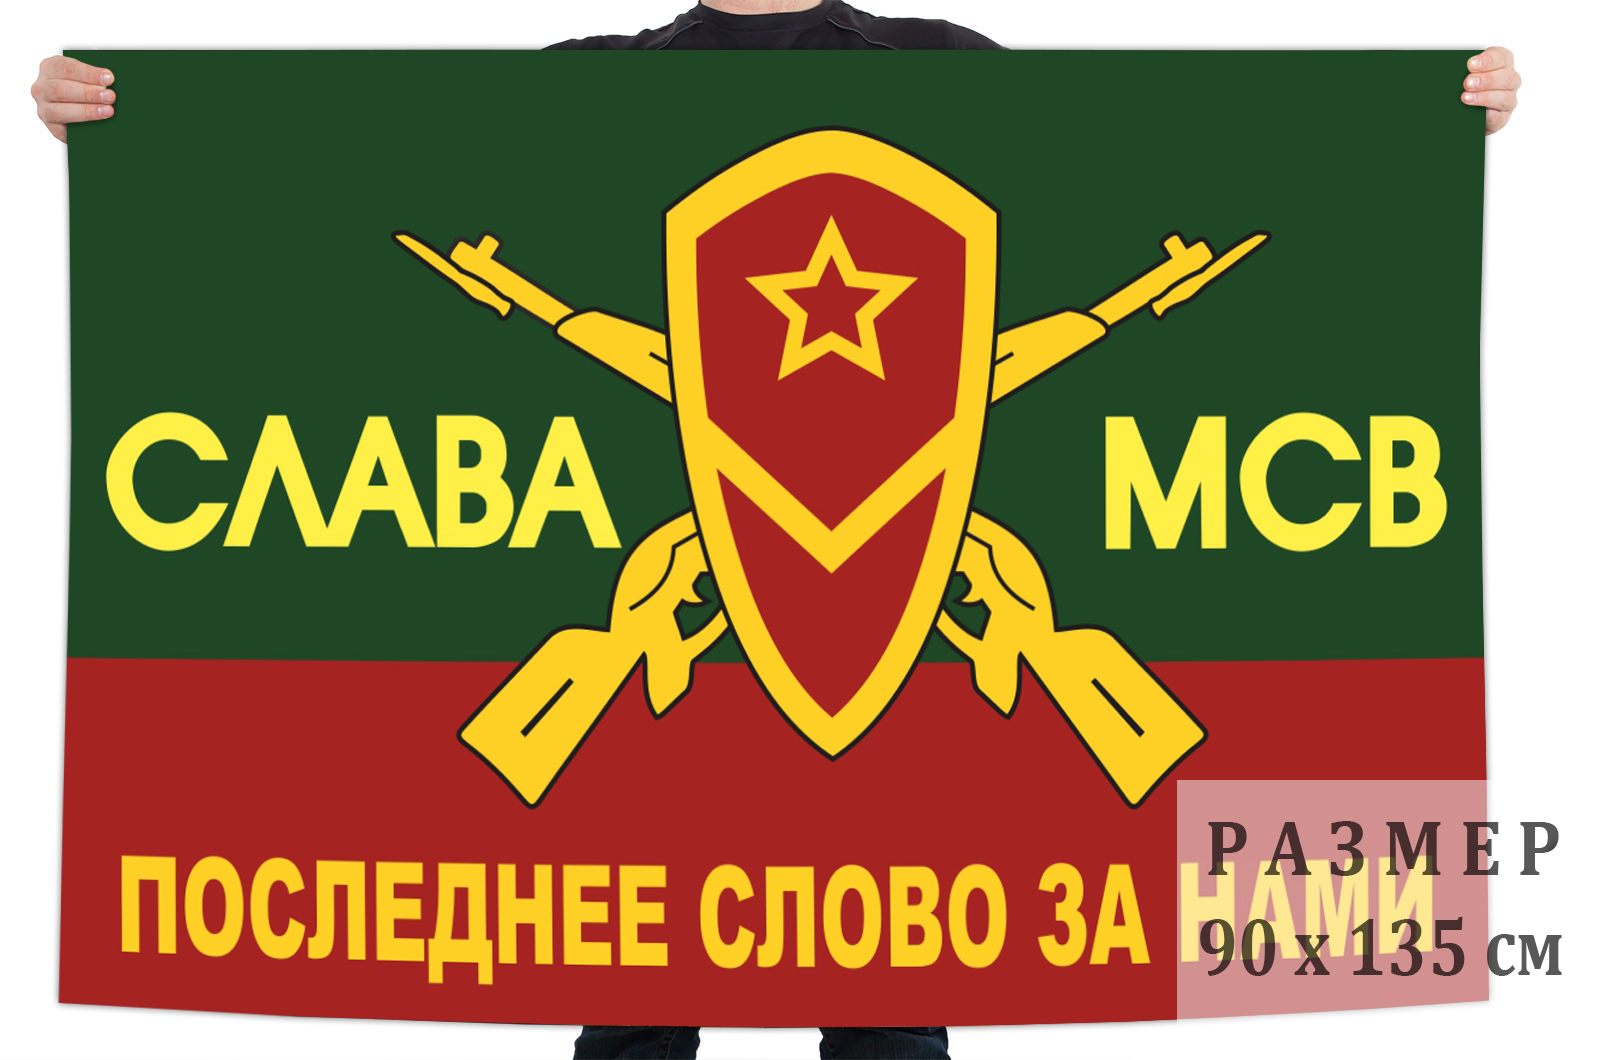 Флаг Мотострелковых войск Слава МСВ